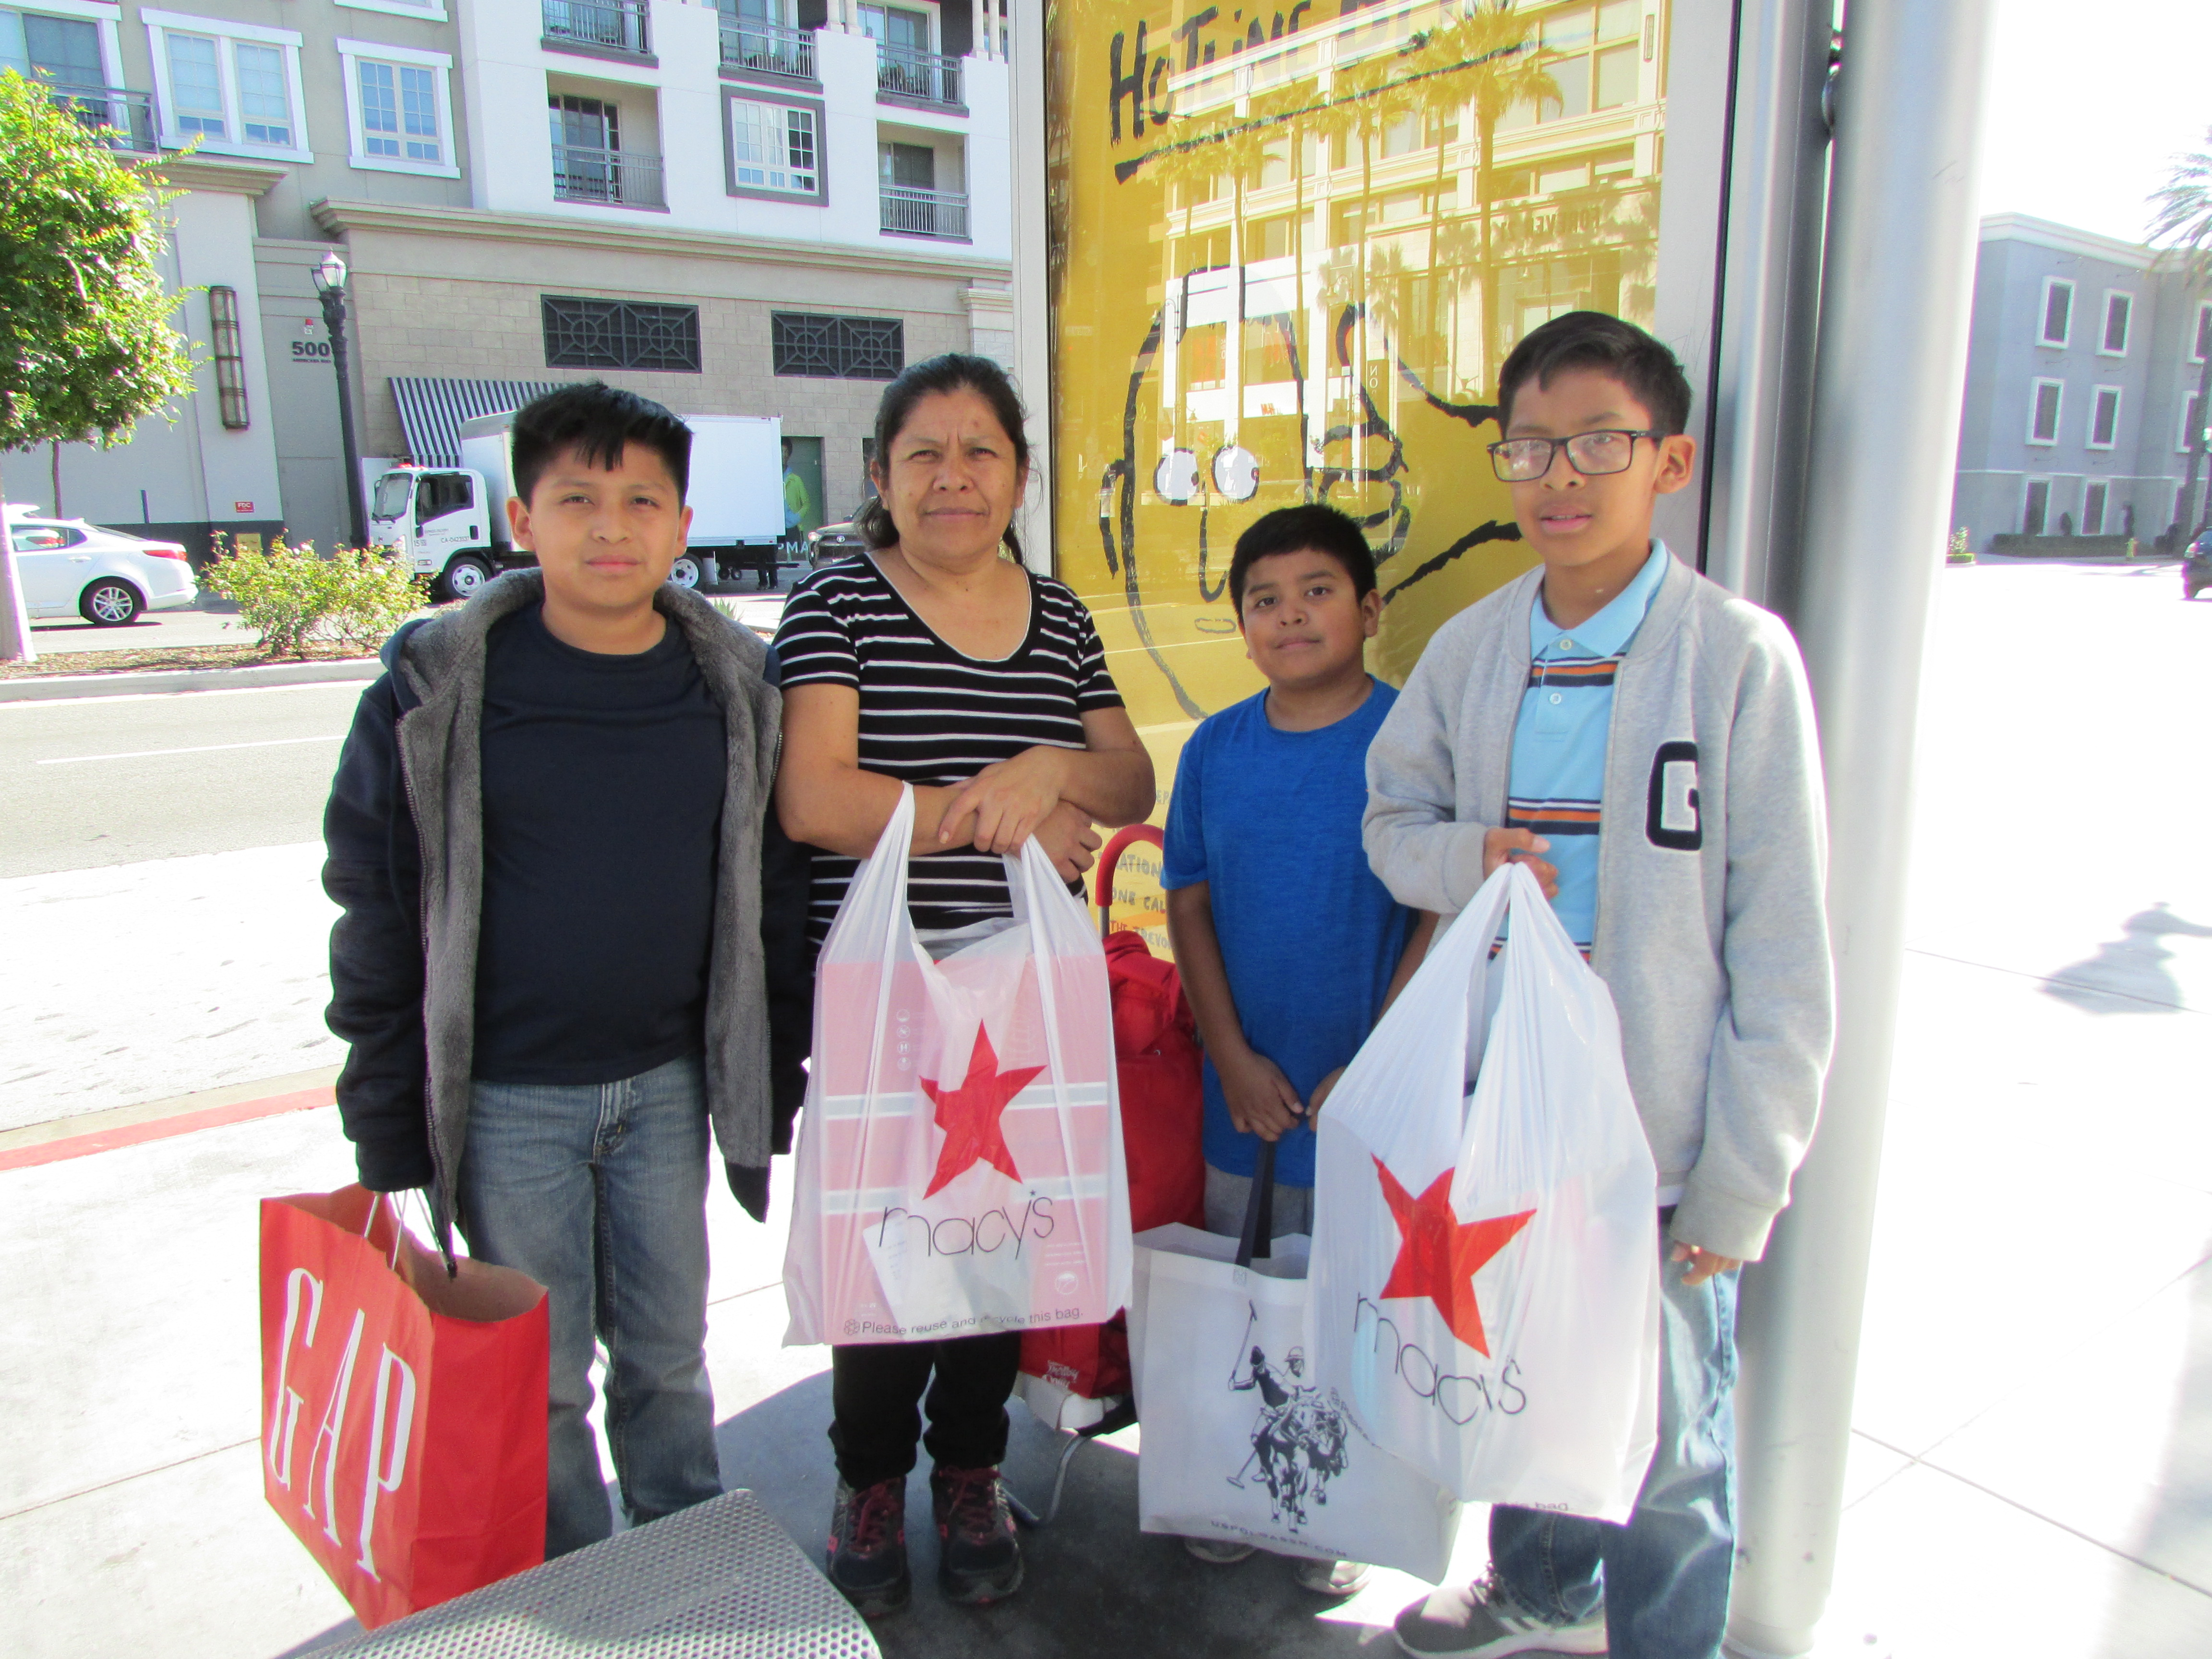 Raquel Martínez compró la ropa de invierno para sus hijos, Abraham, Gilberto y Daniel. (Araceli Martínez/La Opinión).